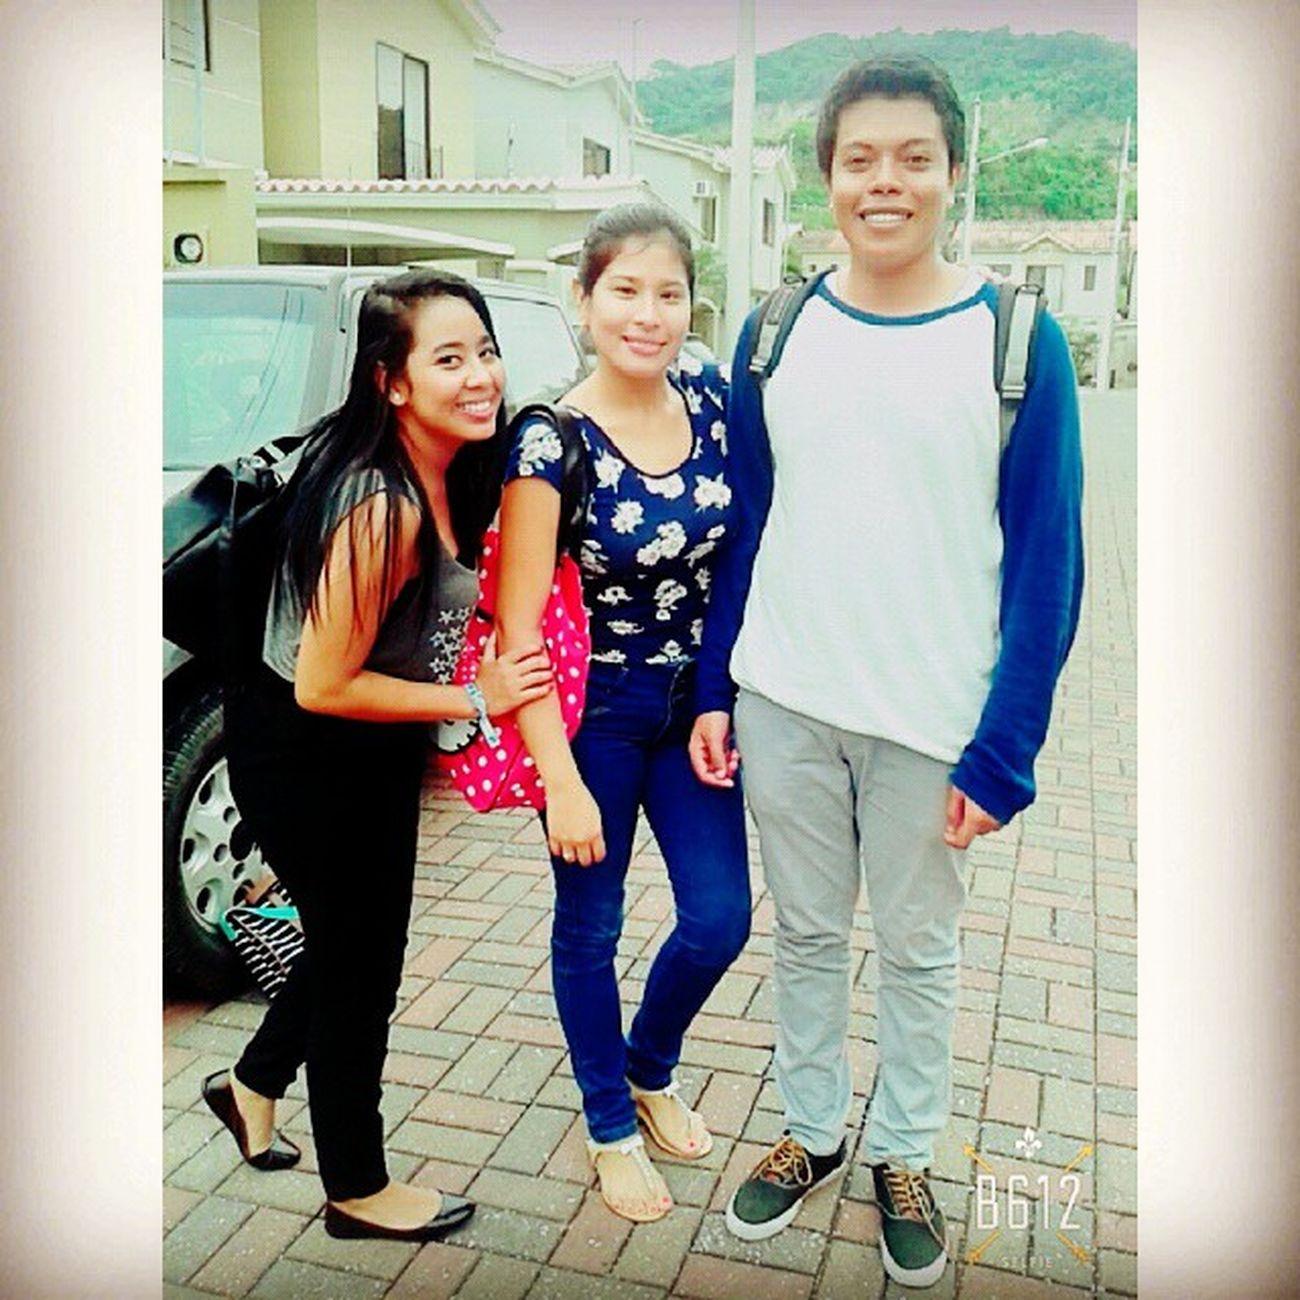 Amiguitos♥